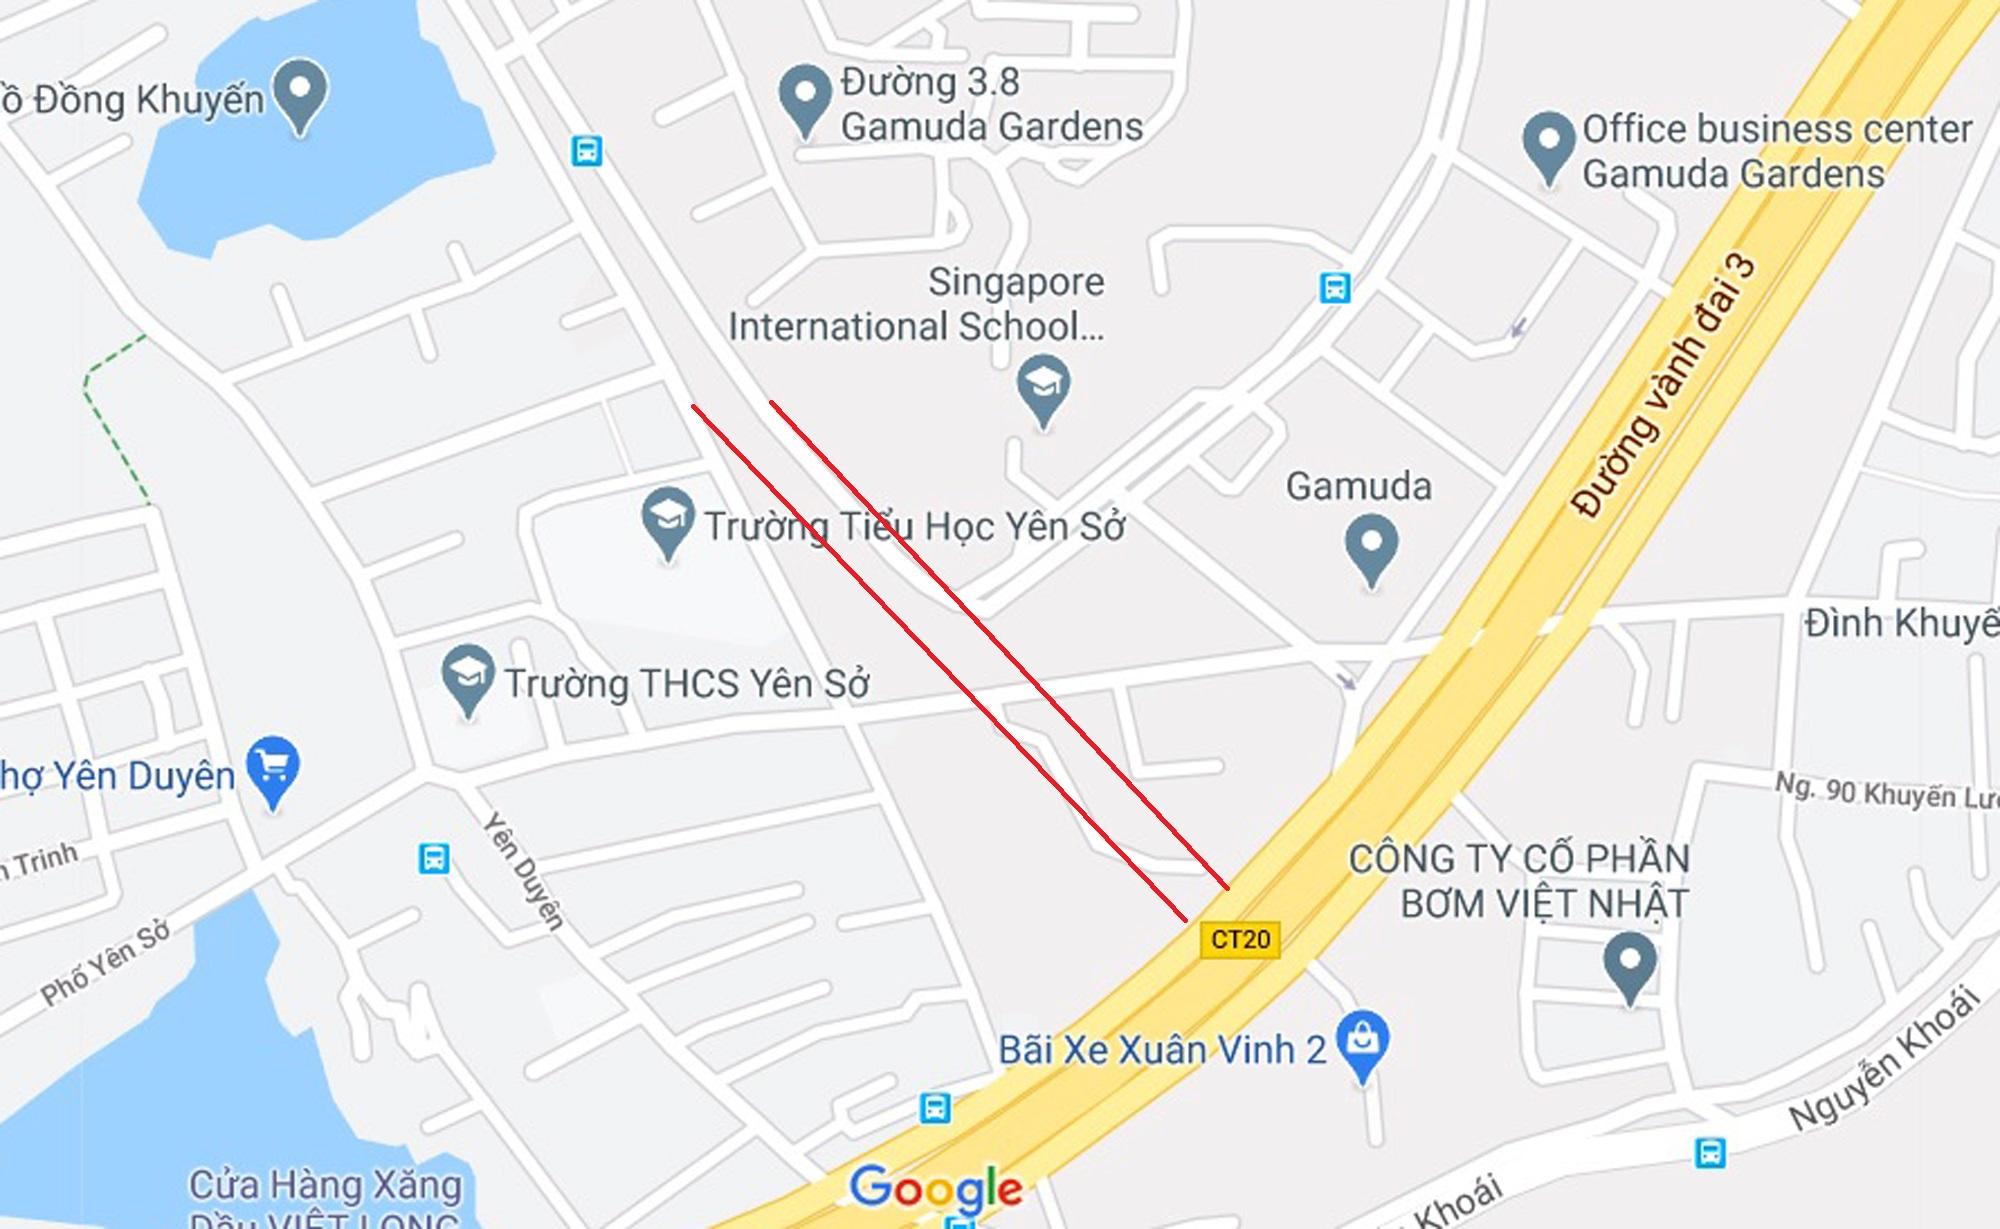 Ba đường sẽ mở theo qui hoạch ở phường Trần Phú, Hoàng Mai, Hà Nội - Ảnh 11.